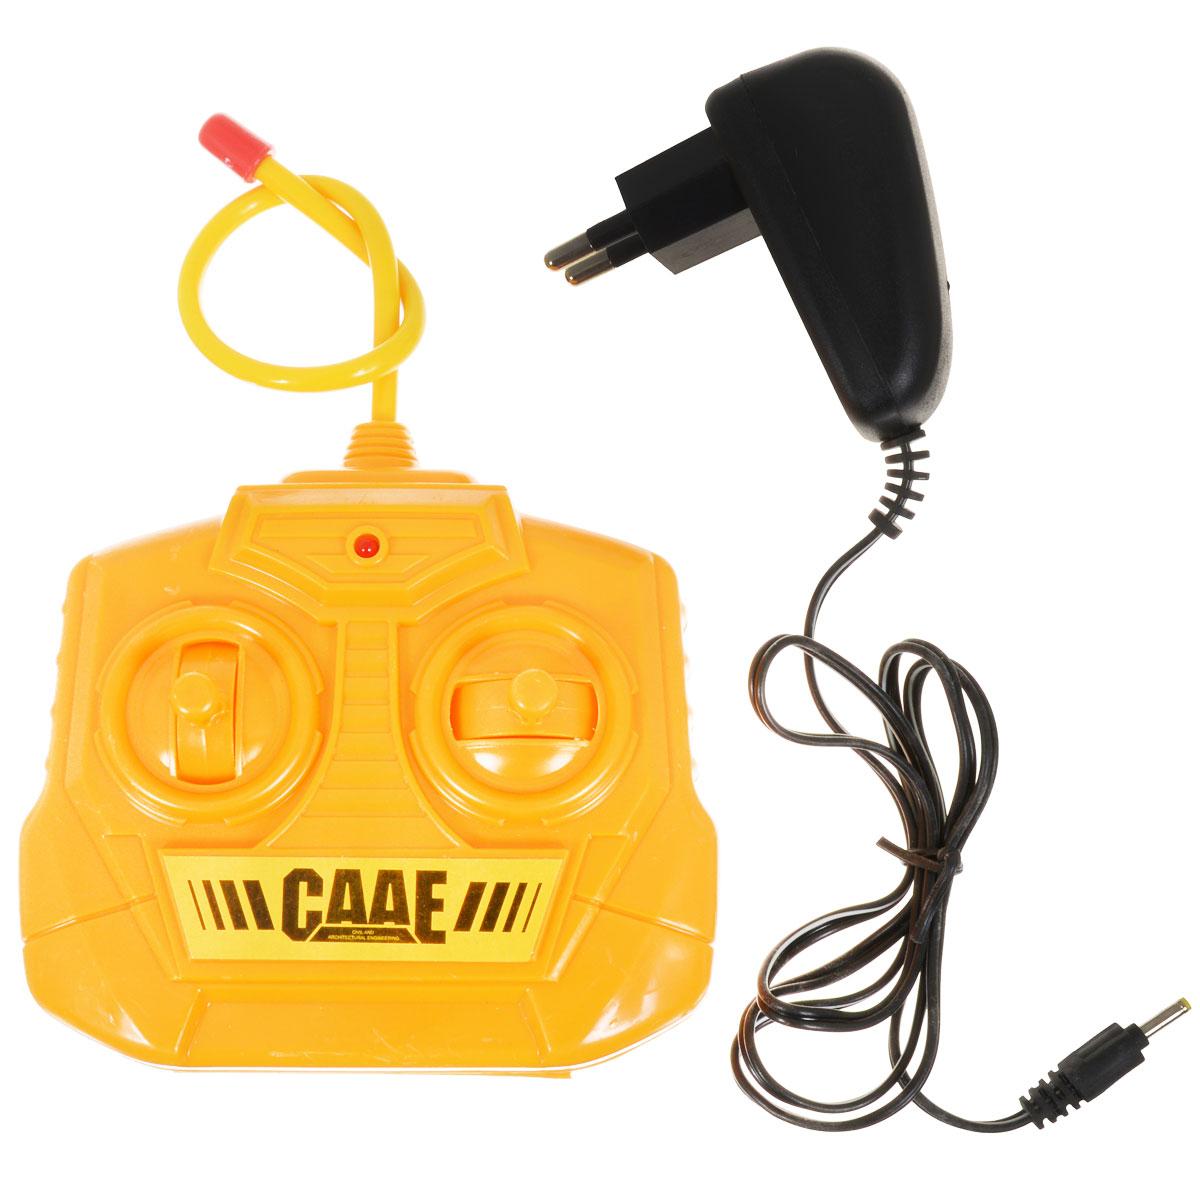 Радиоуправляемая машинка RCM-7104 Бульдозер м.1:36 – это уменьшенная копия строительной техники, с которой вашему сынишке будет интересно играть каждый день. Разработчики встроили в модель все основные функции бульдозера. Он может ездить вперед, назад, влево и вправо, а также поднимать и опускать ковш с грузом, рыть и копать. Данная радиоуправляемая машинка может послужить наглядным пособием и познакомить будущего строителя со строением и возможностями бульдозера.